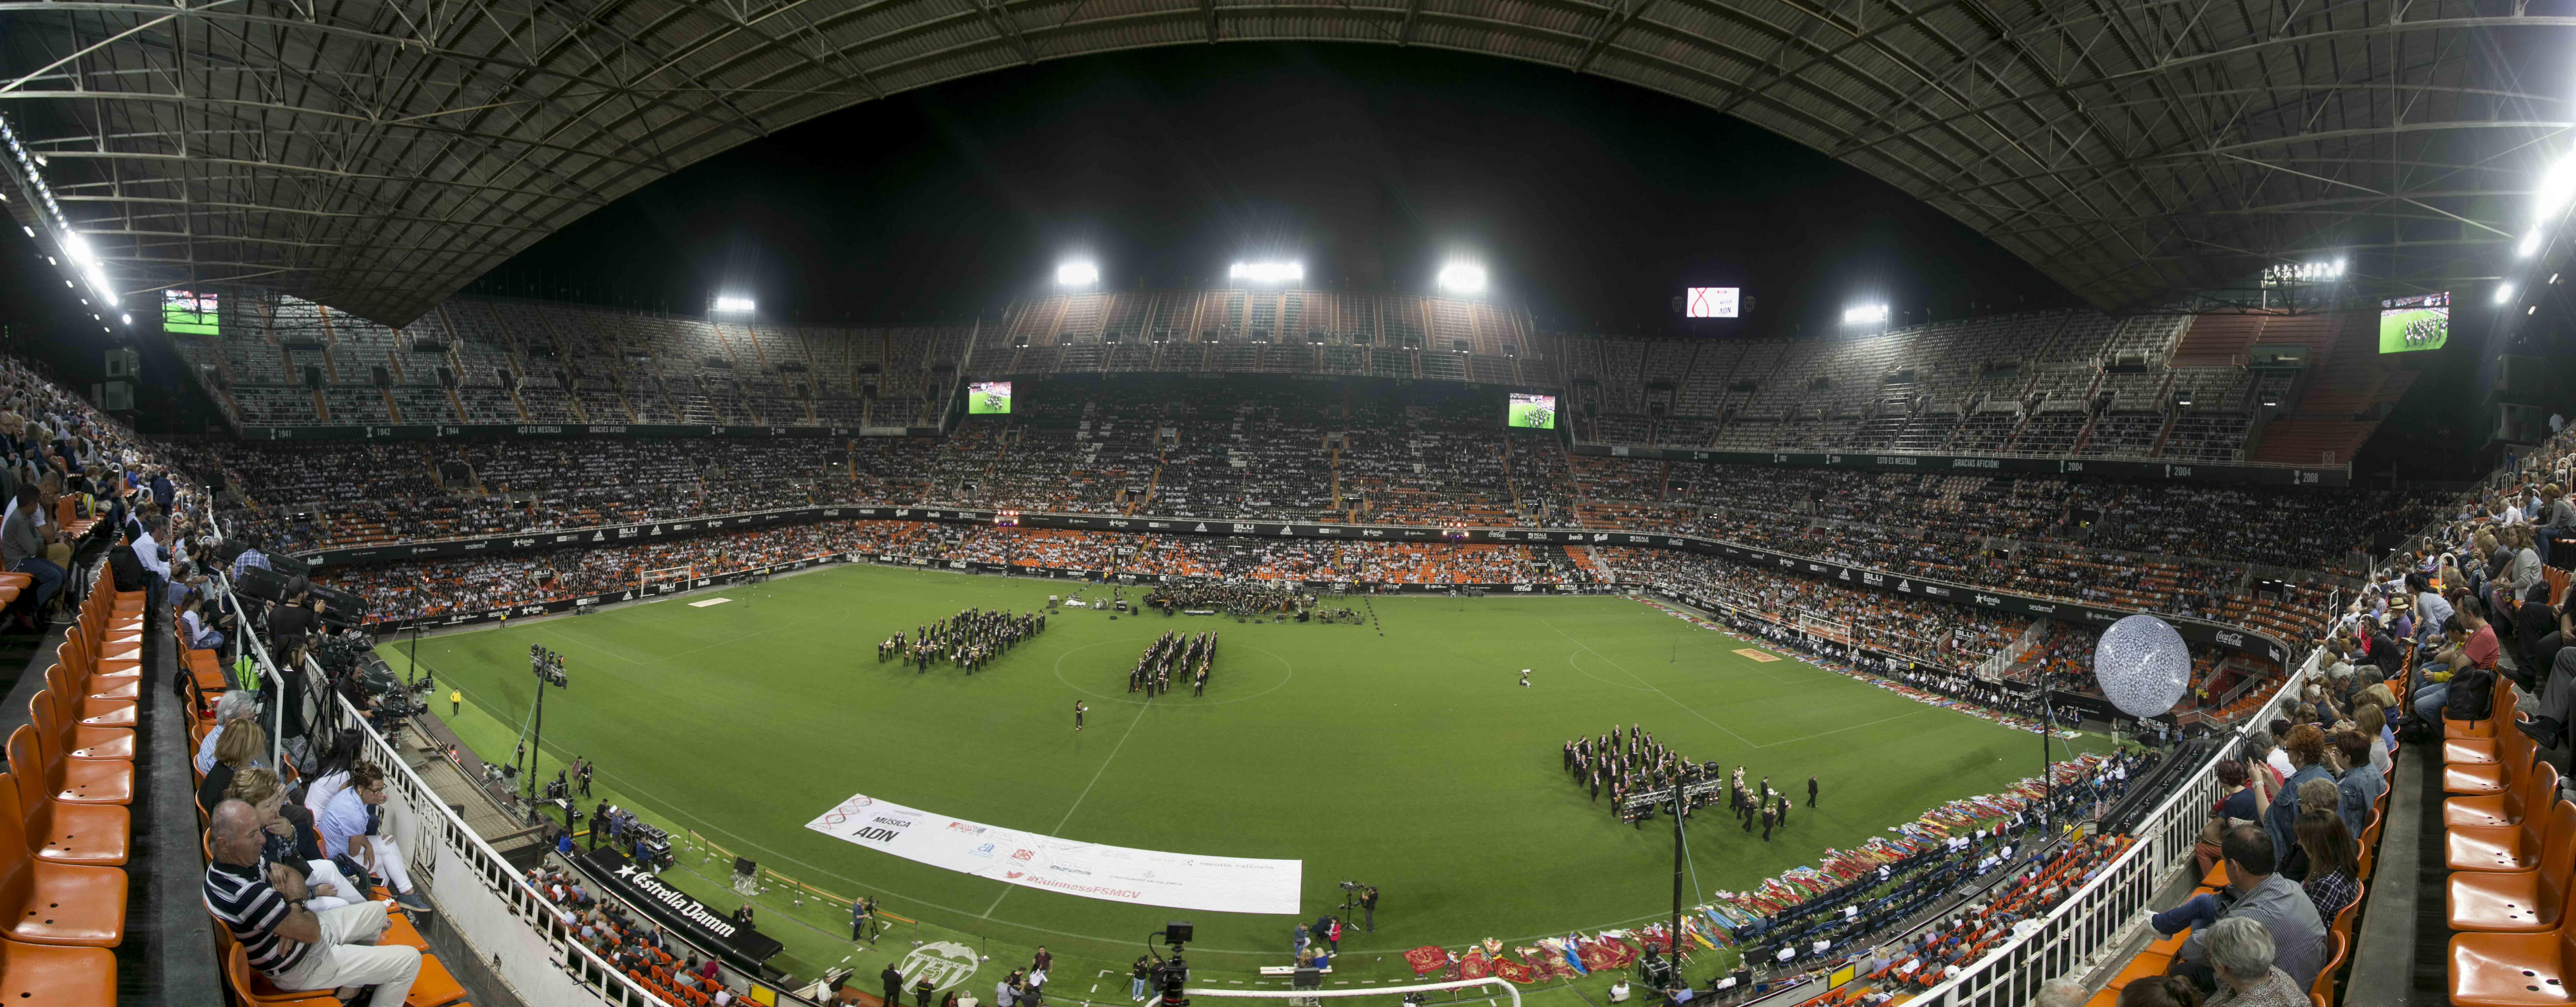 El evento organizado por la FSMCV ha comenzado con un desfile de 277 bandas y más de 10.000 músicos de Sociedades Musicales de las tres provincias.